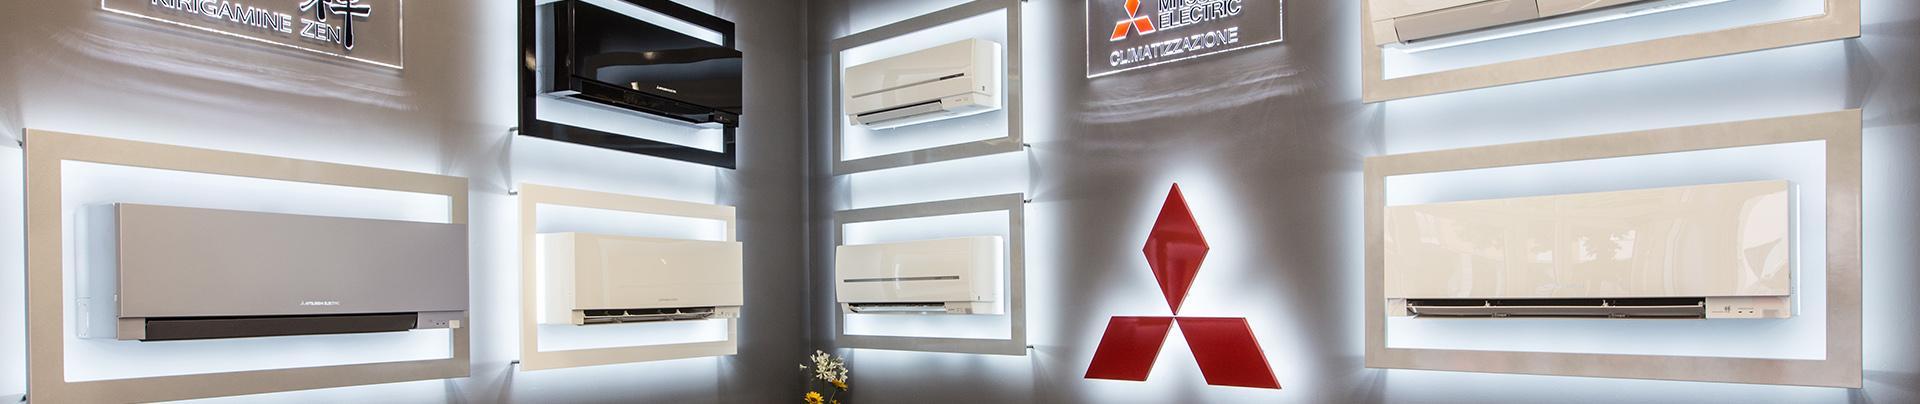 diversi modelli di aria condizionata a marchio Mitsubishi Electric